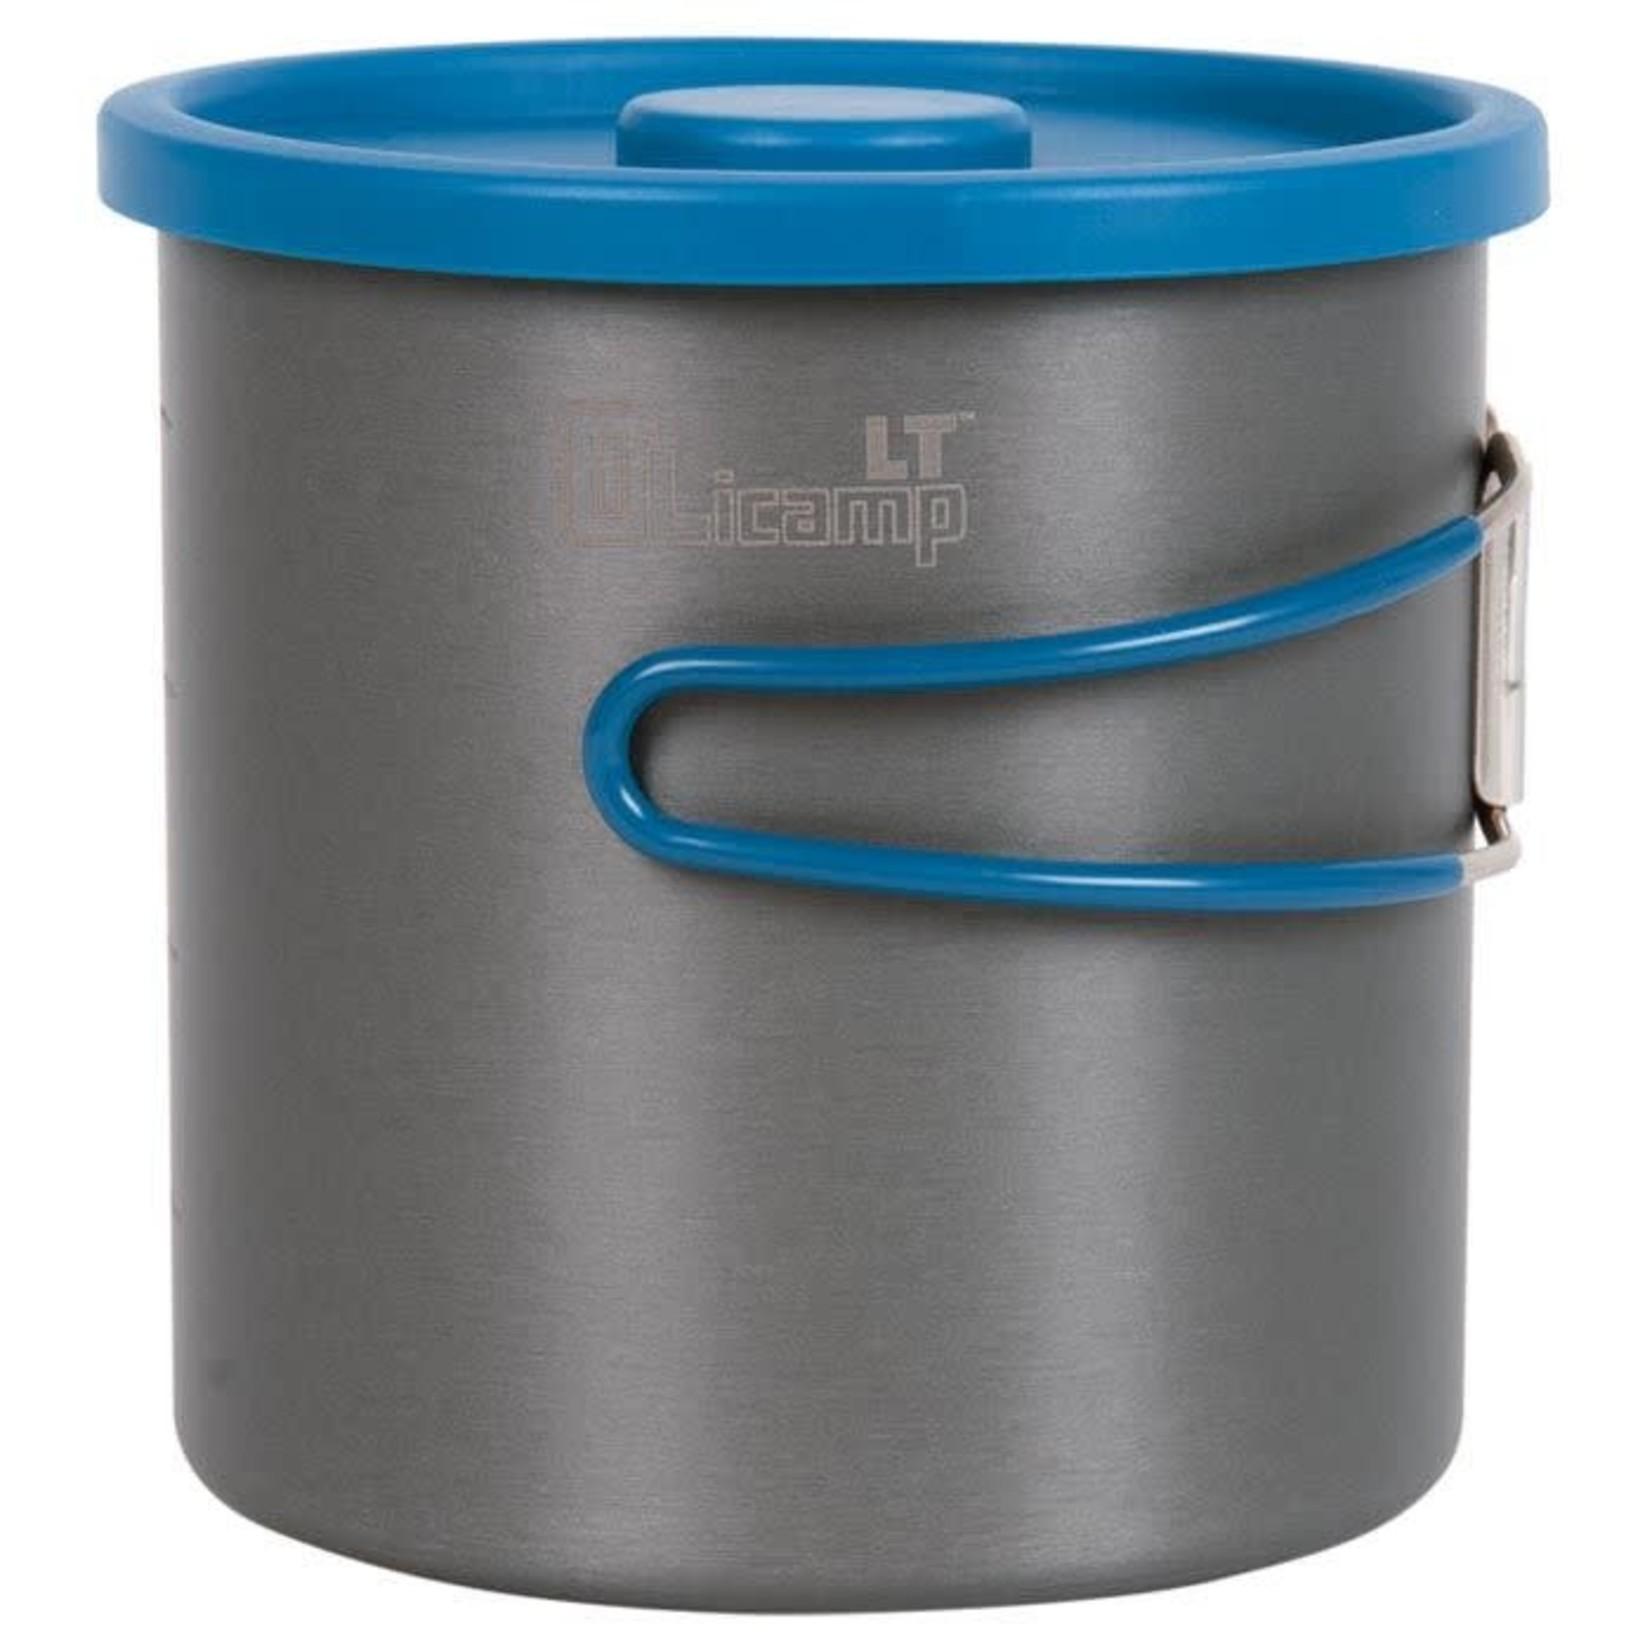 Pot Olicamp Lt 1L